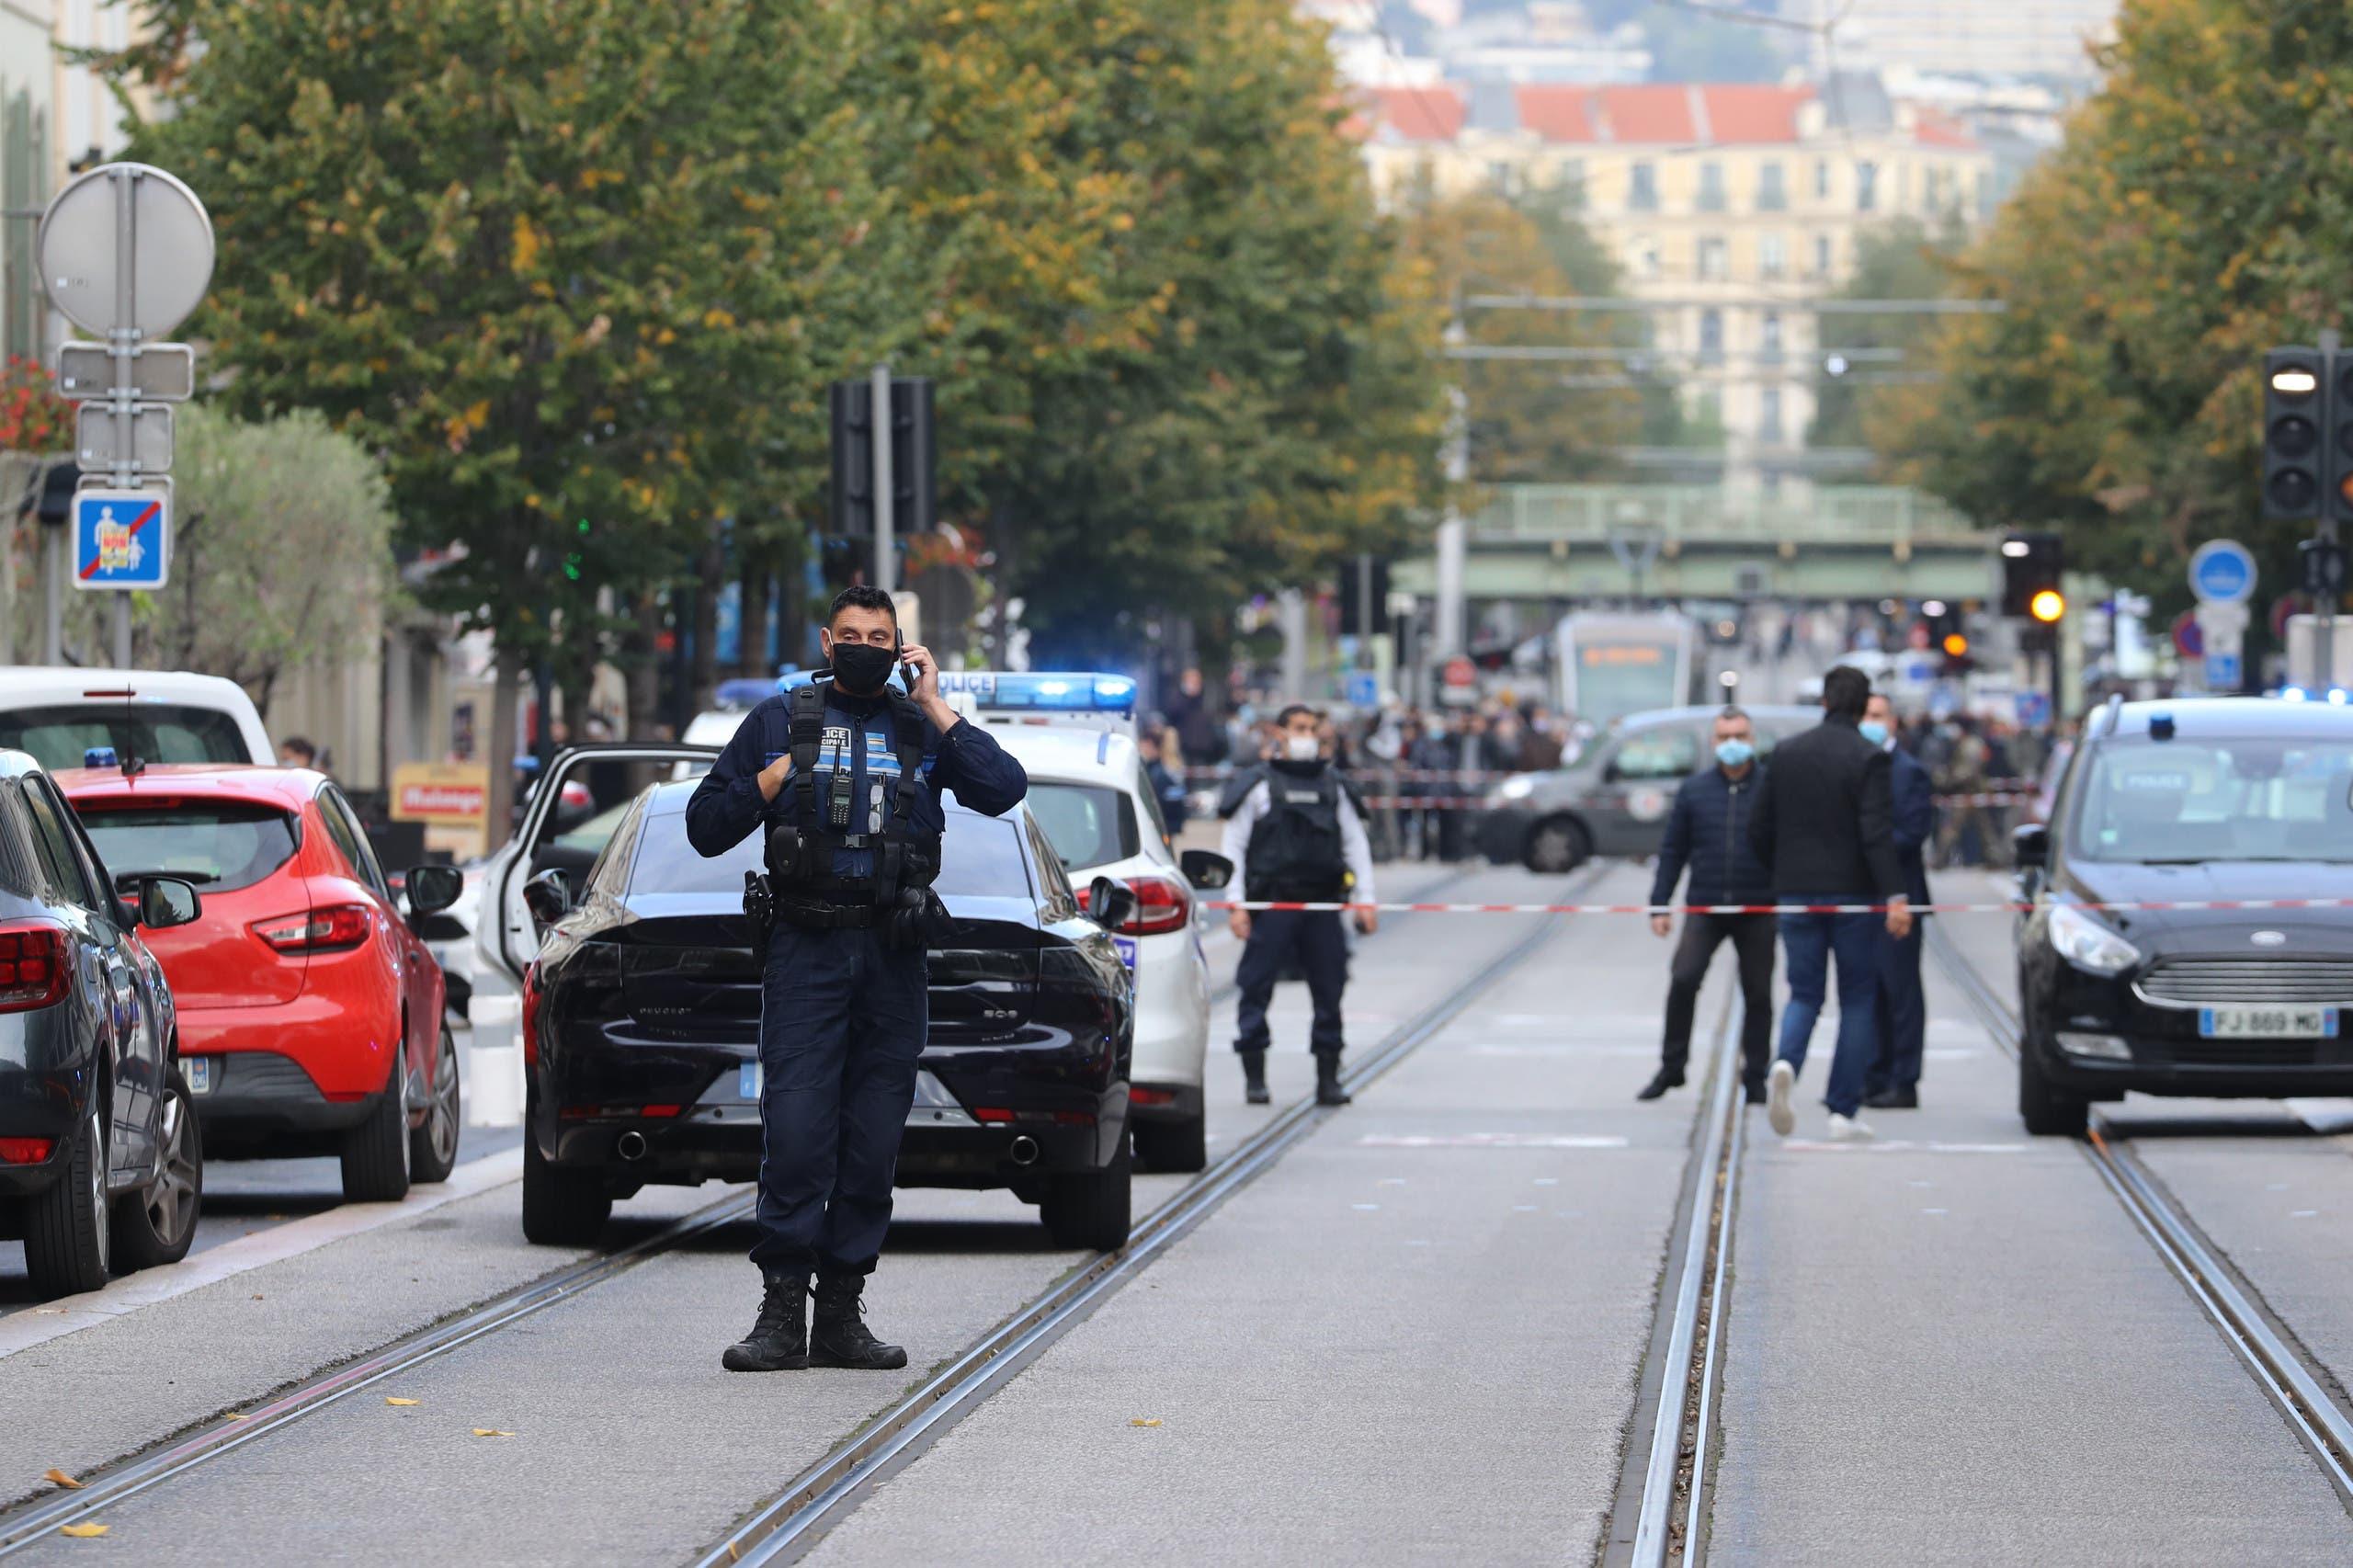 من مدينة نيس قرب كنيسة نوتردام حيث وقع حادث الطعن (29 أكتوبر 2020- فرانس برس)